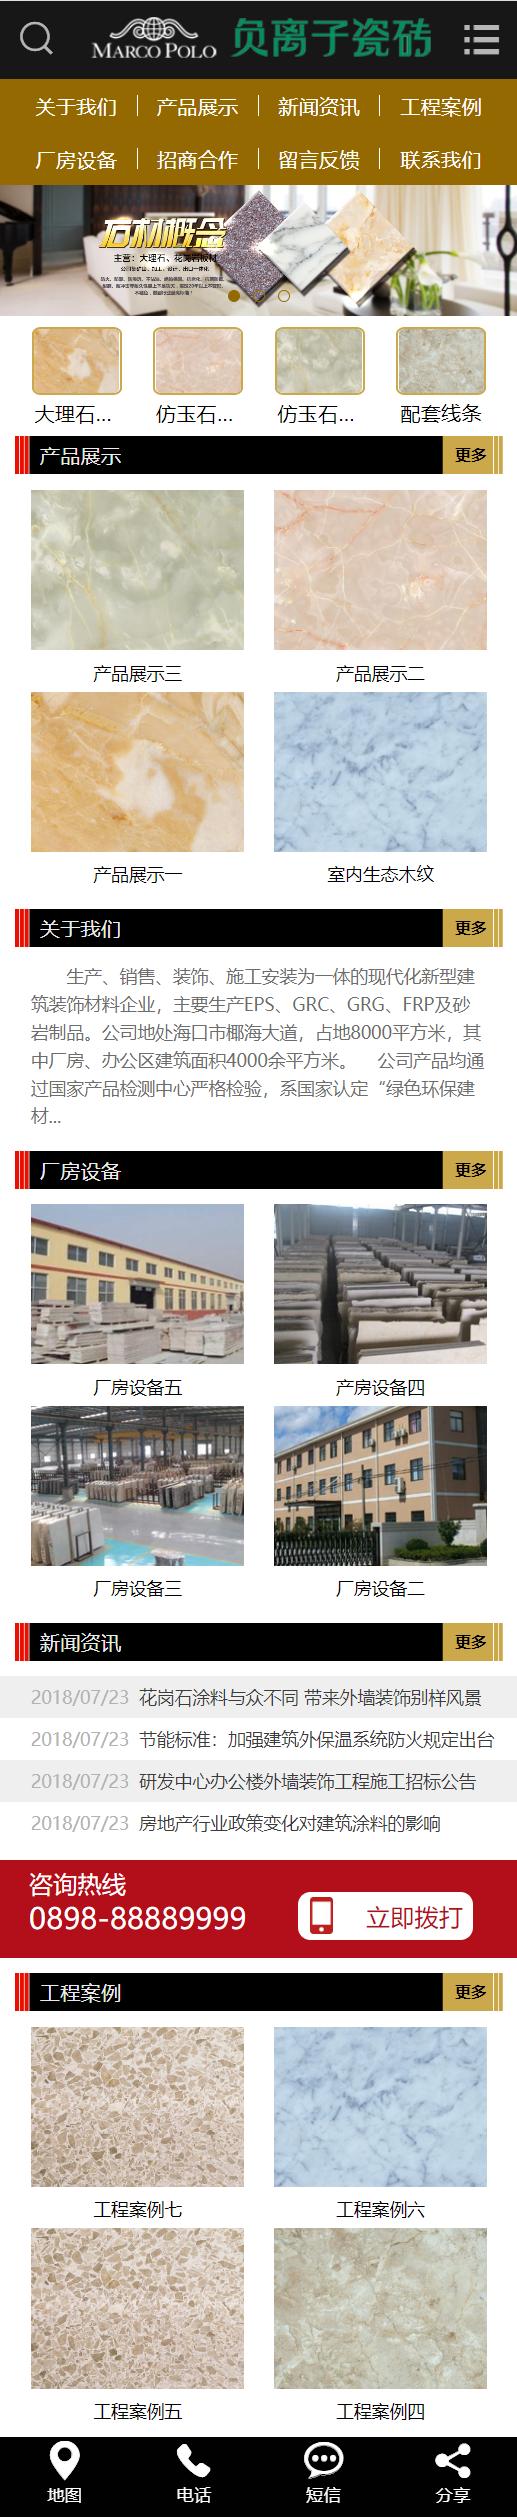 瓷砖建材装修材料类产品展示公司企业模板官网企业网站源码下载自适应手机端带强大的后台管理系统